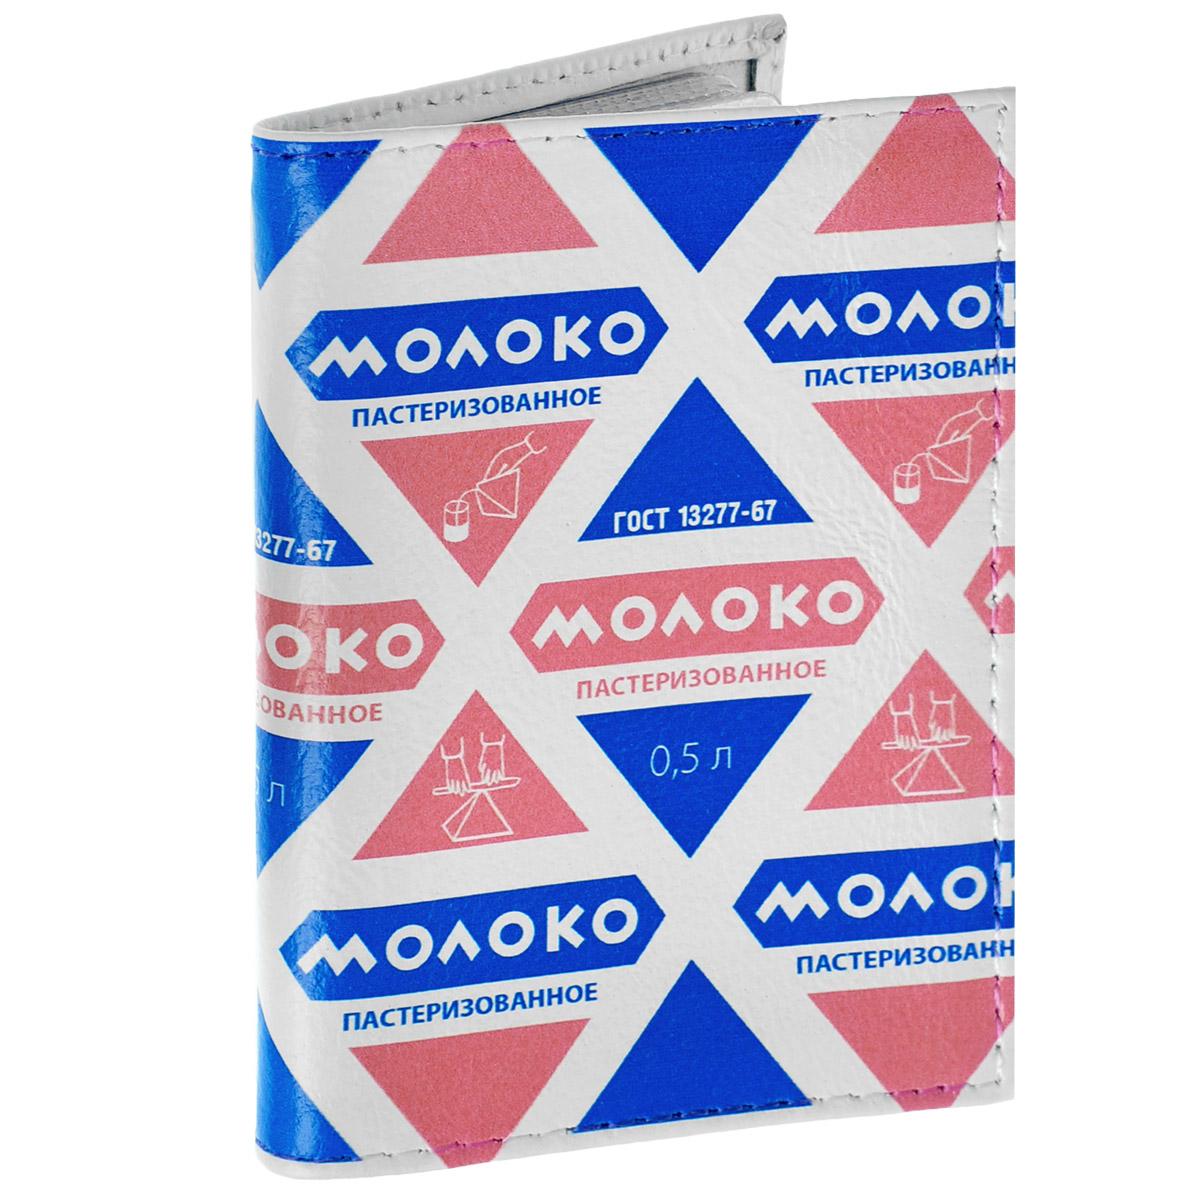 Обложка для автодокументов Молоко. AUTO288BV.8.LG. чёрныйОбложка для автодокументов Mitya Veselkov Молоко изготовлена из натуральной кожи и стилизована под упаковку из-под молока. На внутреннем развороте имеются съемный блок из шести прозрачных файлов из мягкого пластика для водительских документов, один из которых формата А5, а также два боковых кармашка для визиток или банковских карт.Стильная обложка не только поможет сохранить внешний вид ваших документов и защитит их отгрязи и пыли, но и станет аксессуаром, который подчеркнет вашу яркую индивидуальность.